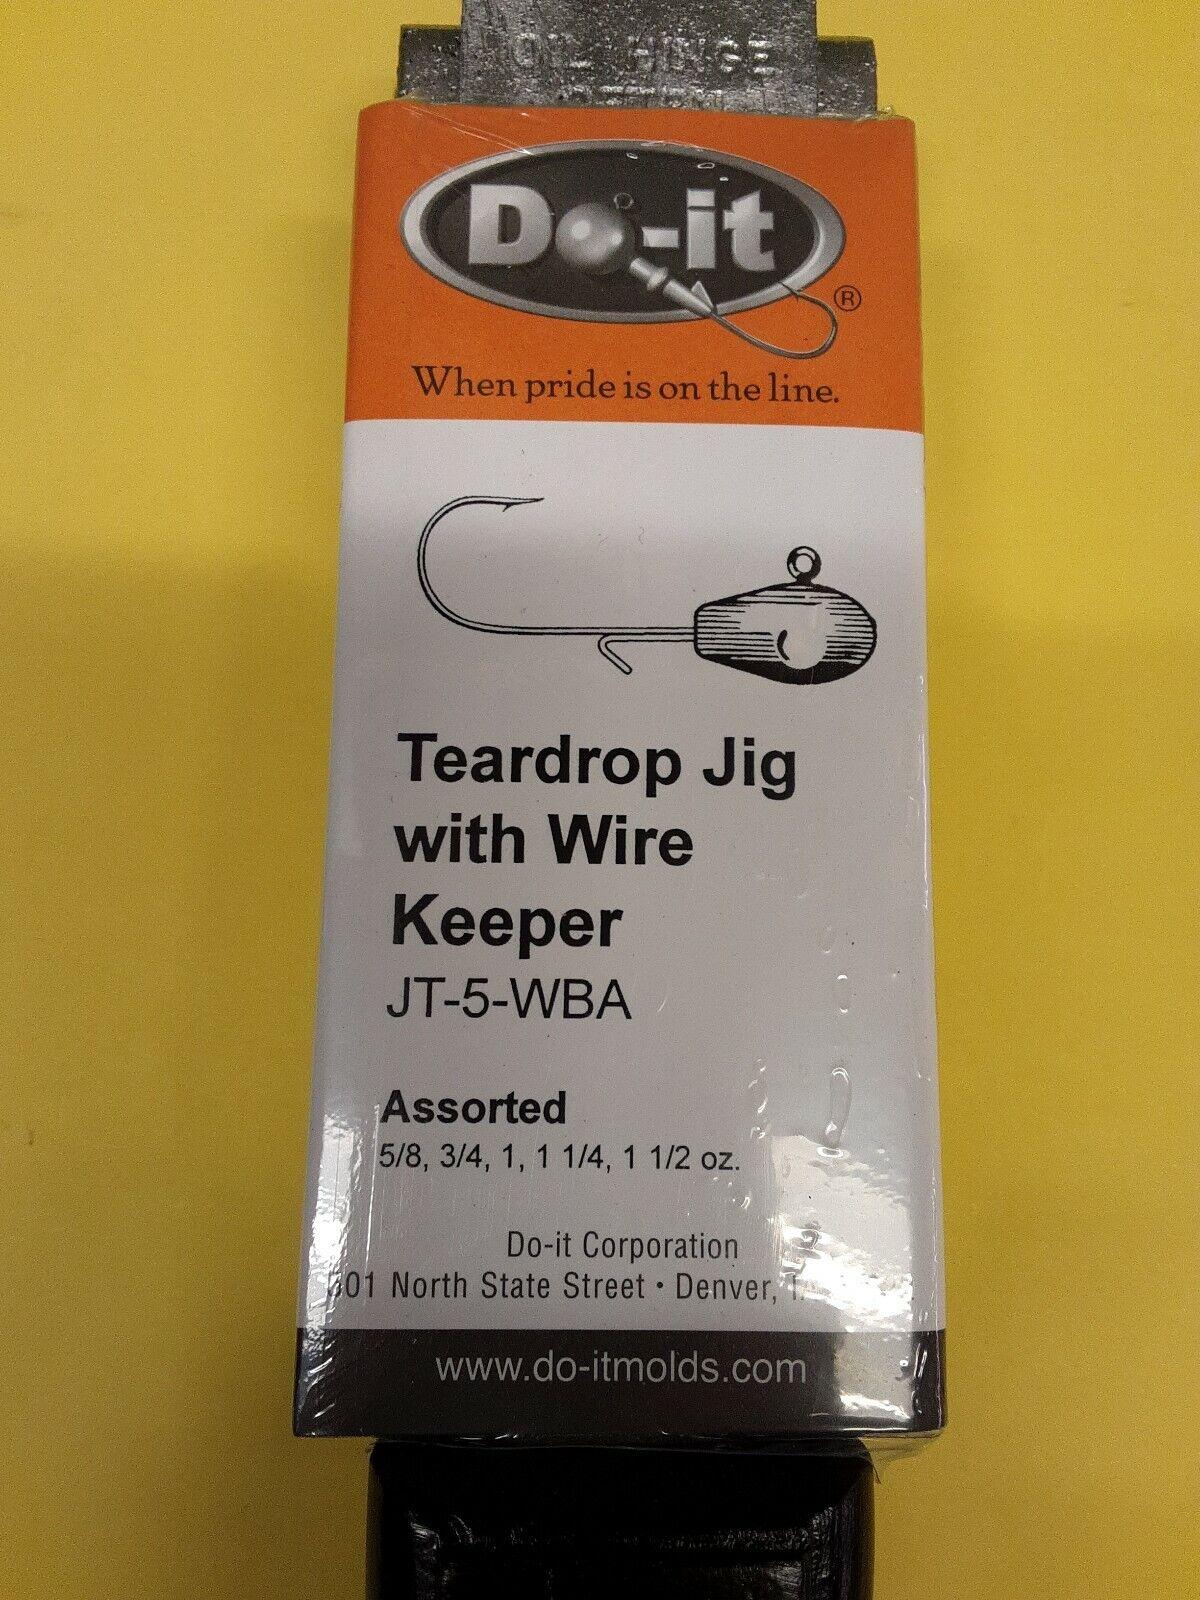 3505 LARGE  DO-IT TEARDROP JIG MOLD w WIRE  KEEPER w 10 FREE WIRES, JT-5-WBA  order online